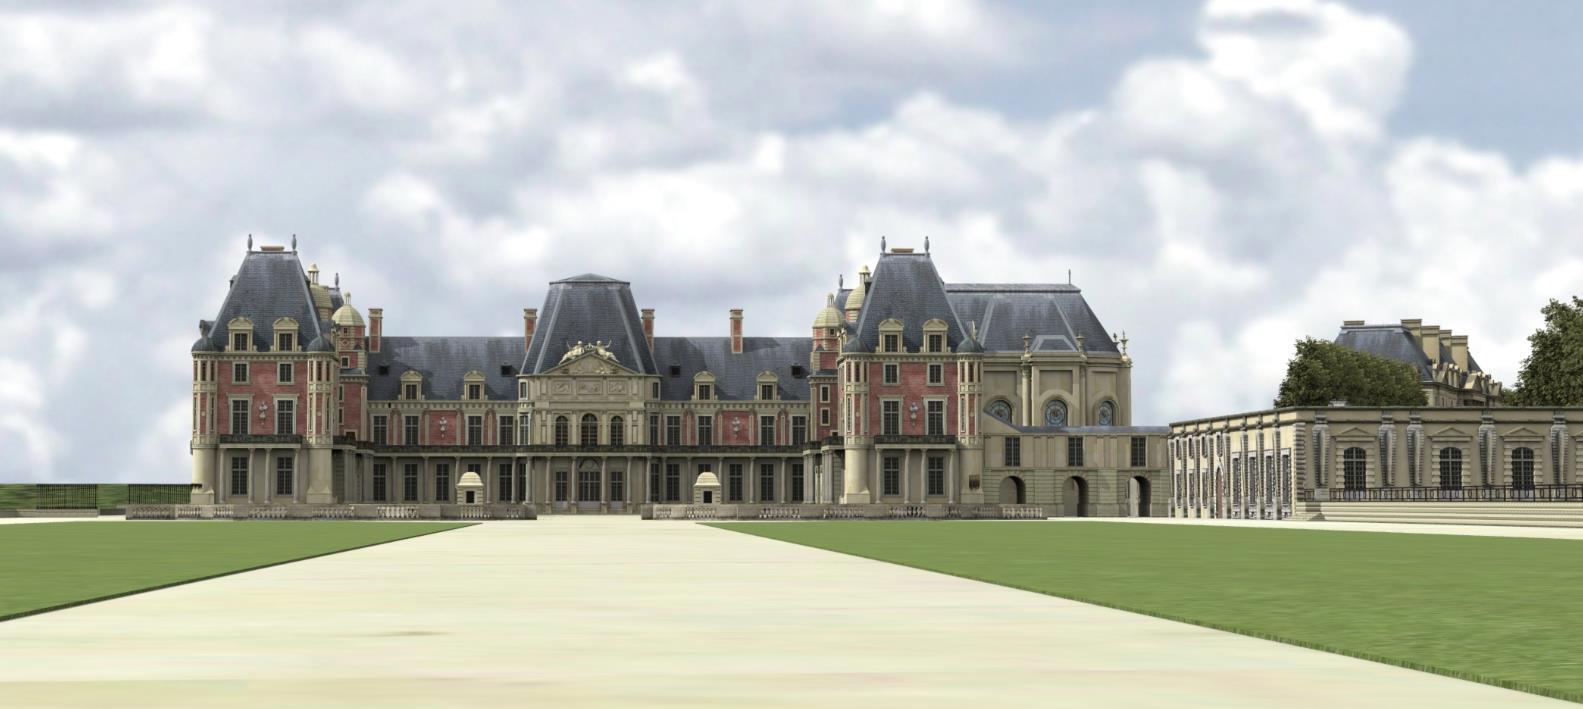 Restitution meudon chateau vieux detruit